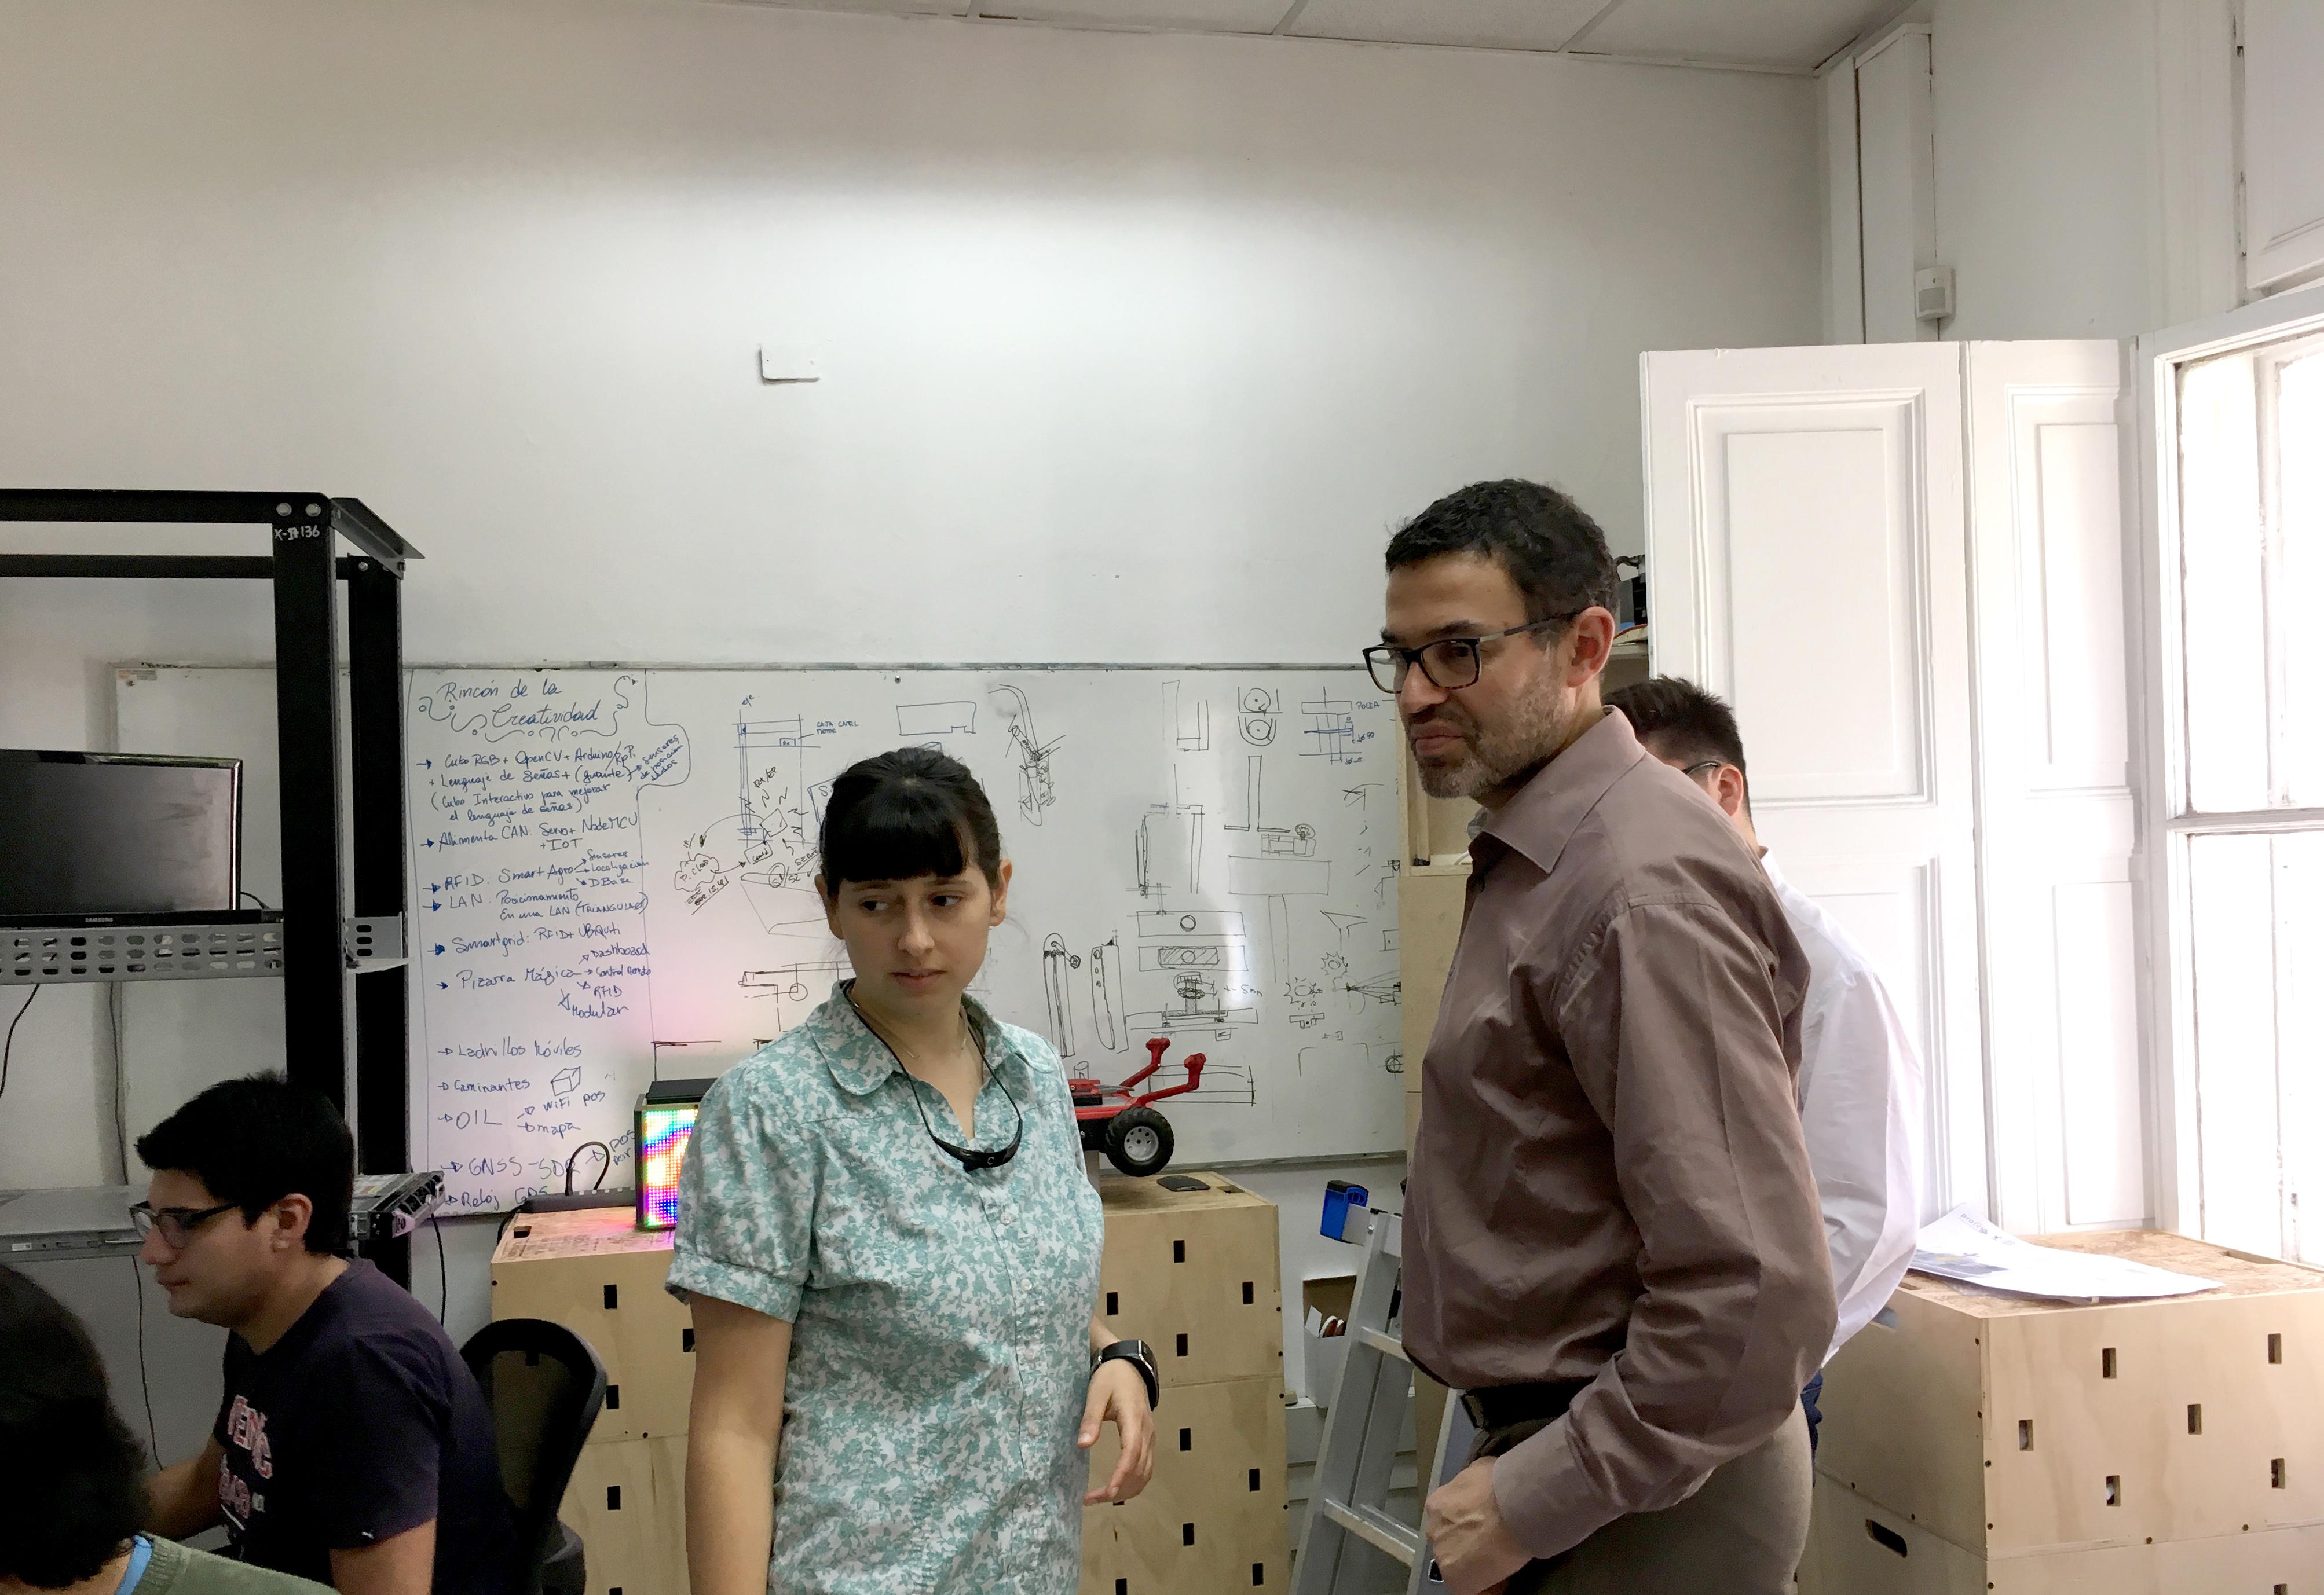 visita-gerente-innovacion-corfo-vista-proteinlab